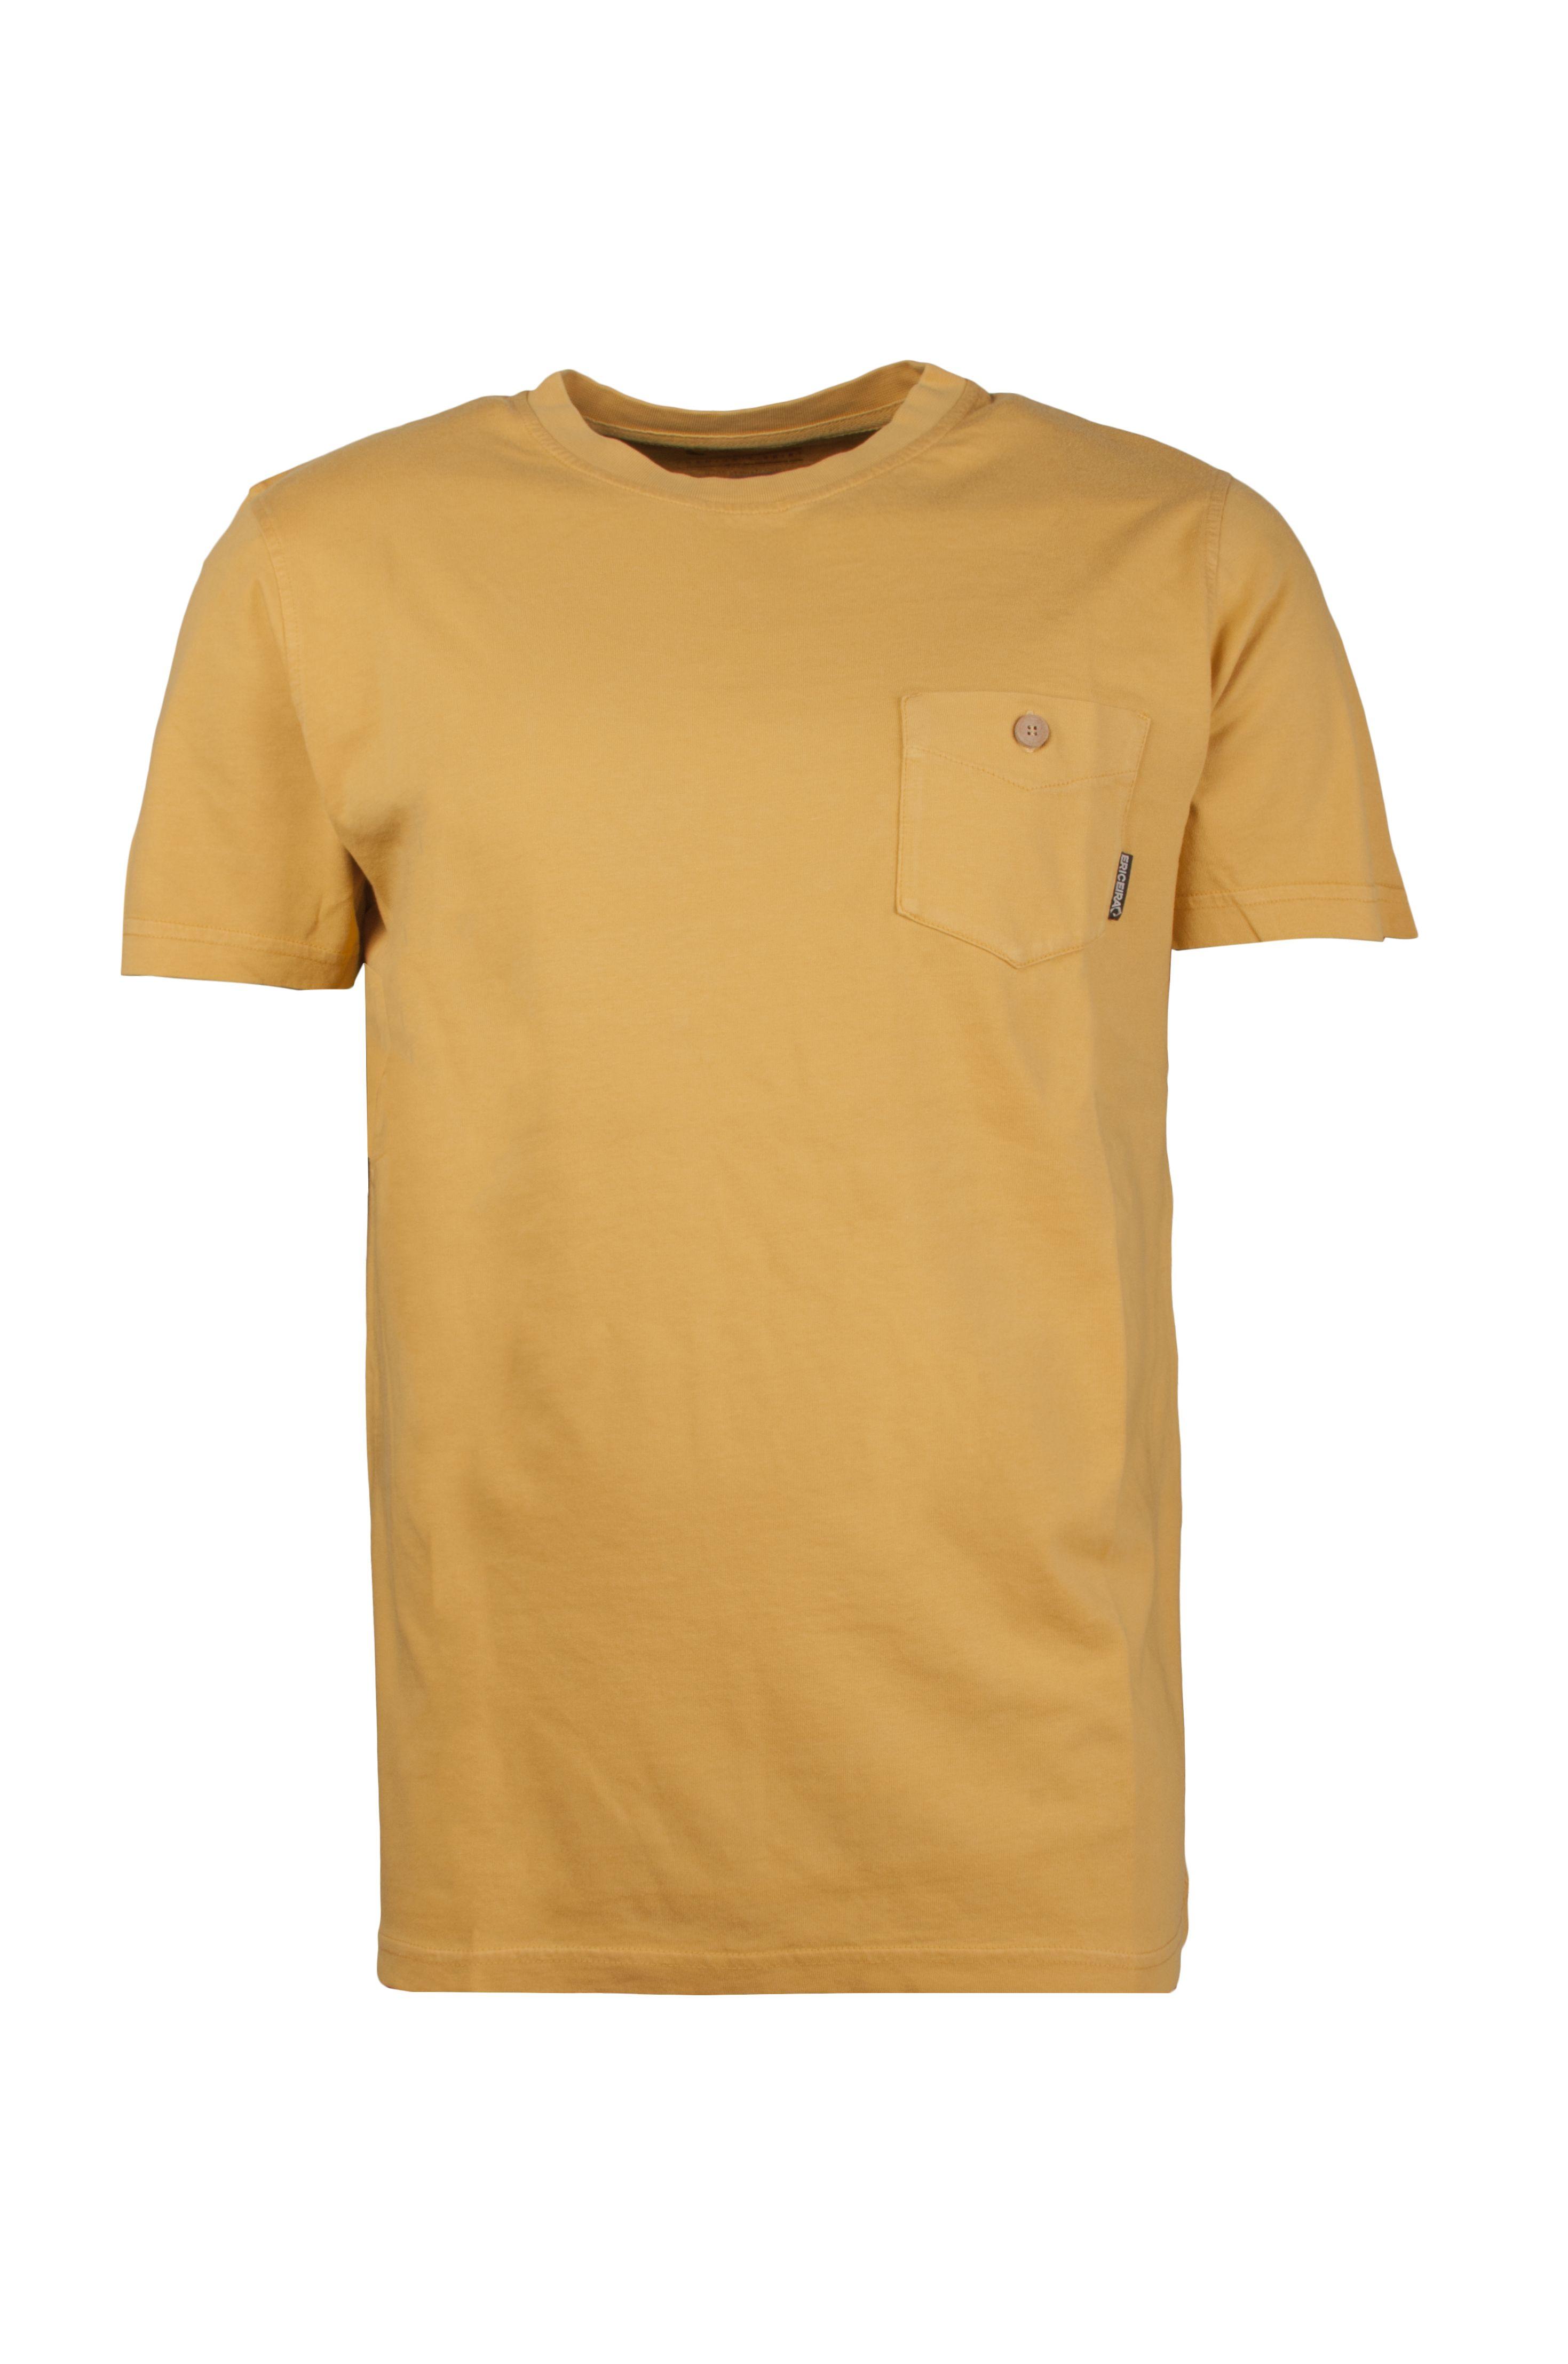 T-Shirt Ericeira Surf Skate MY POCKET II Gold Mustard